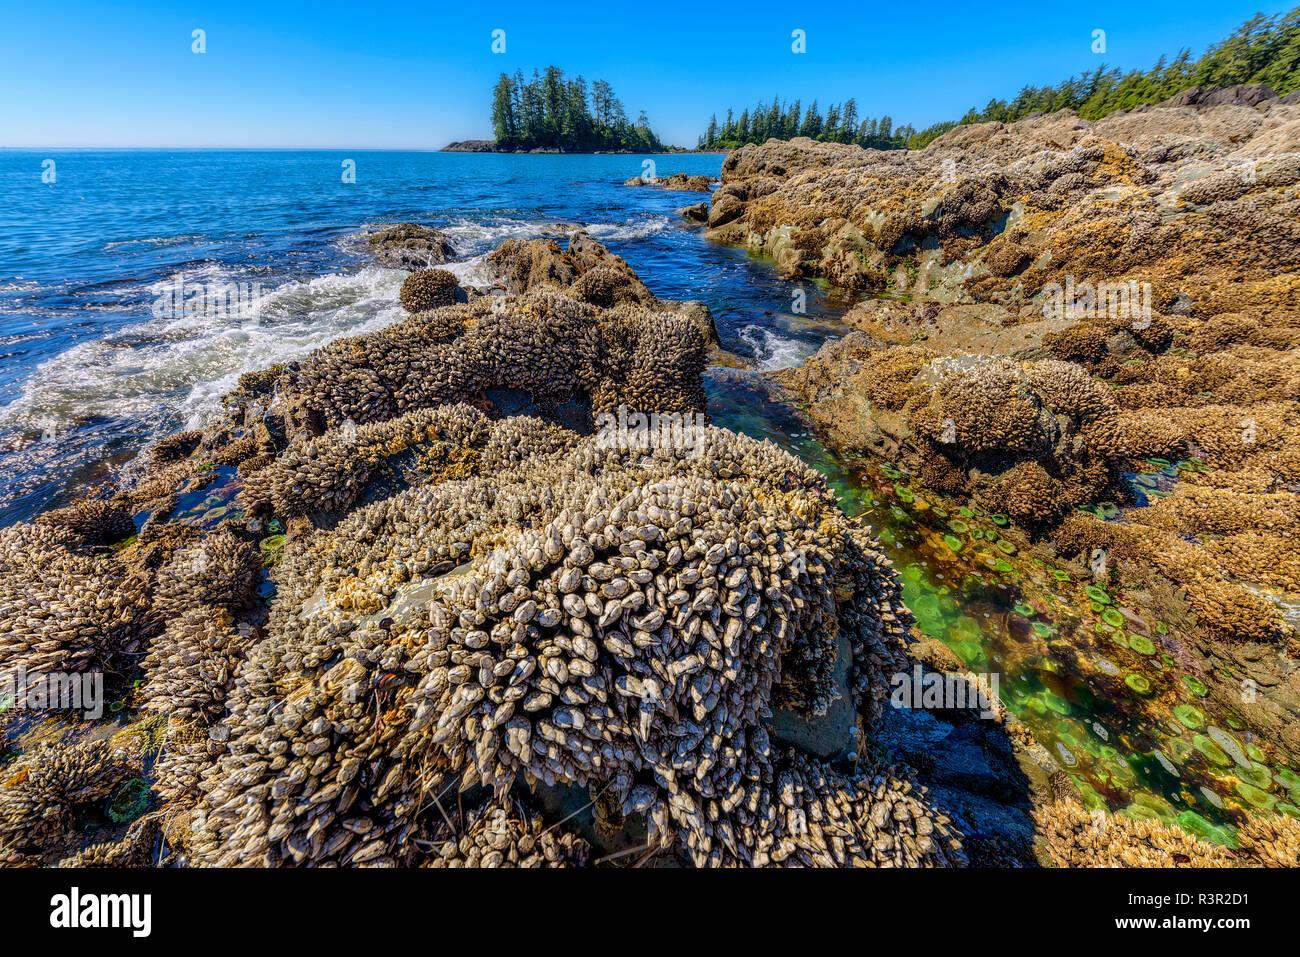 Rocas en marea baja, cubiertas con mejillones y anatifes., Pacific Rim, Tofino, al sur de la isla de Vancouver, British Columbia, Canadá Foto de stock